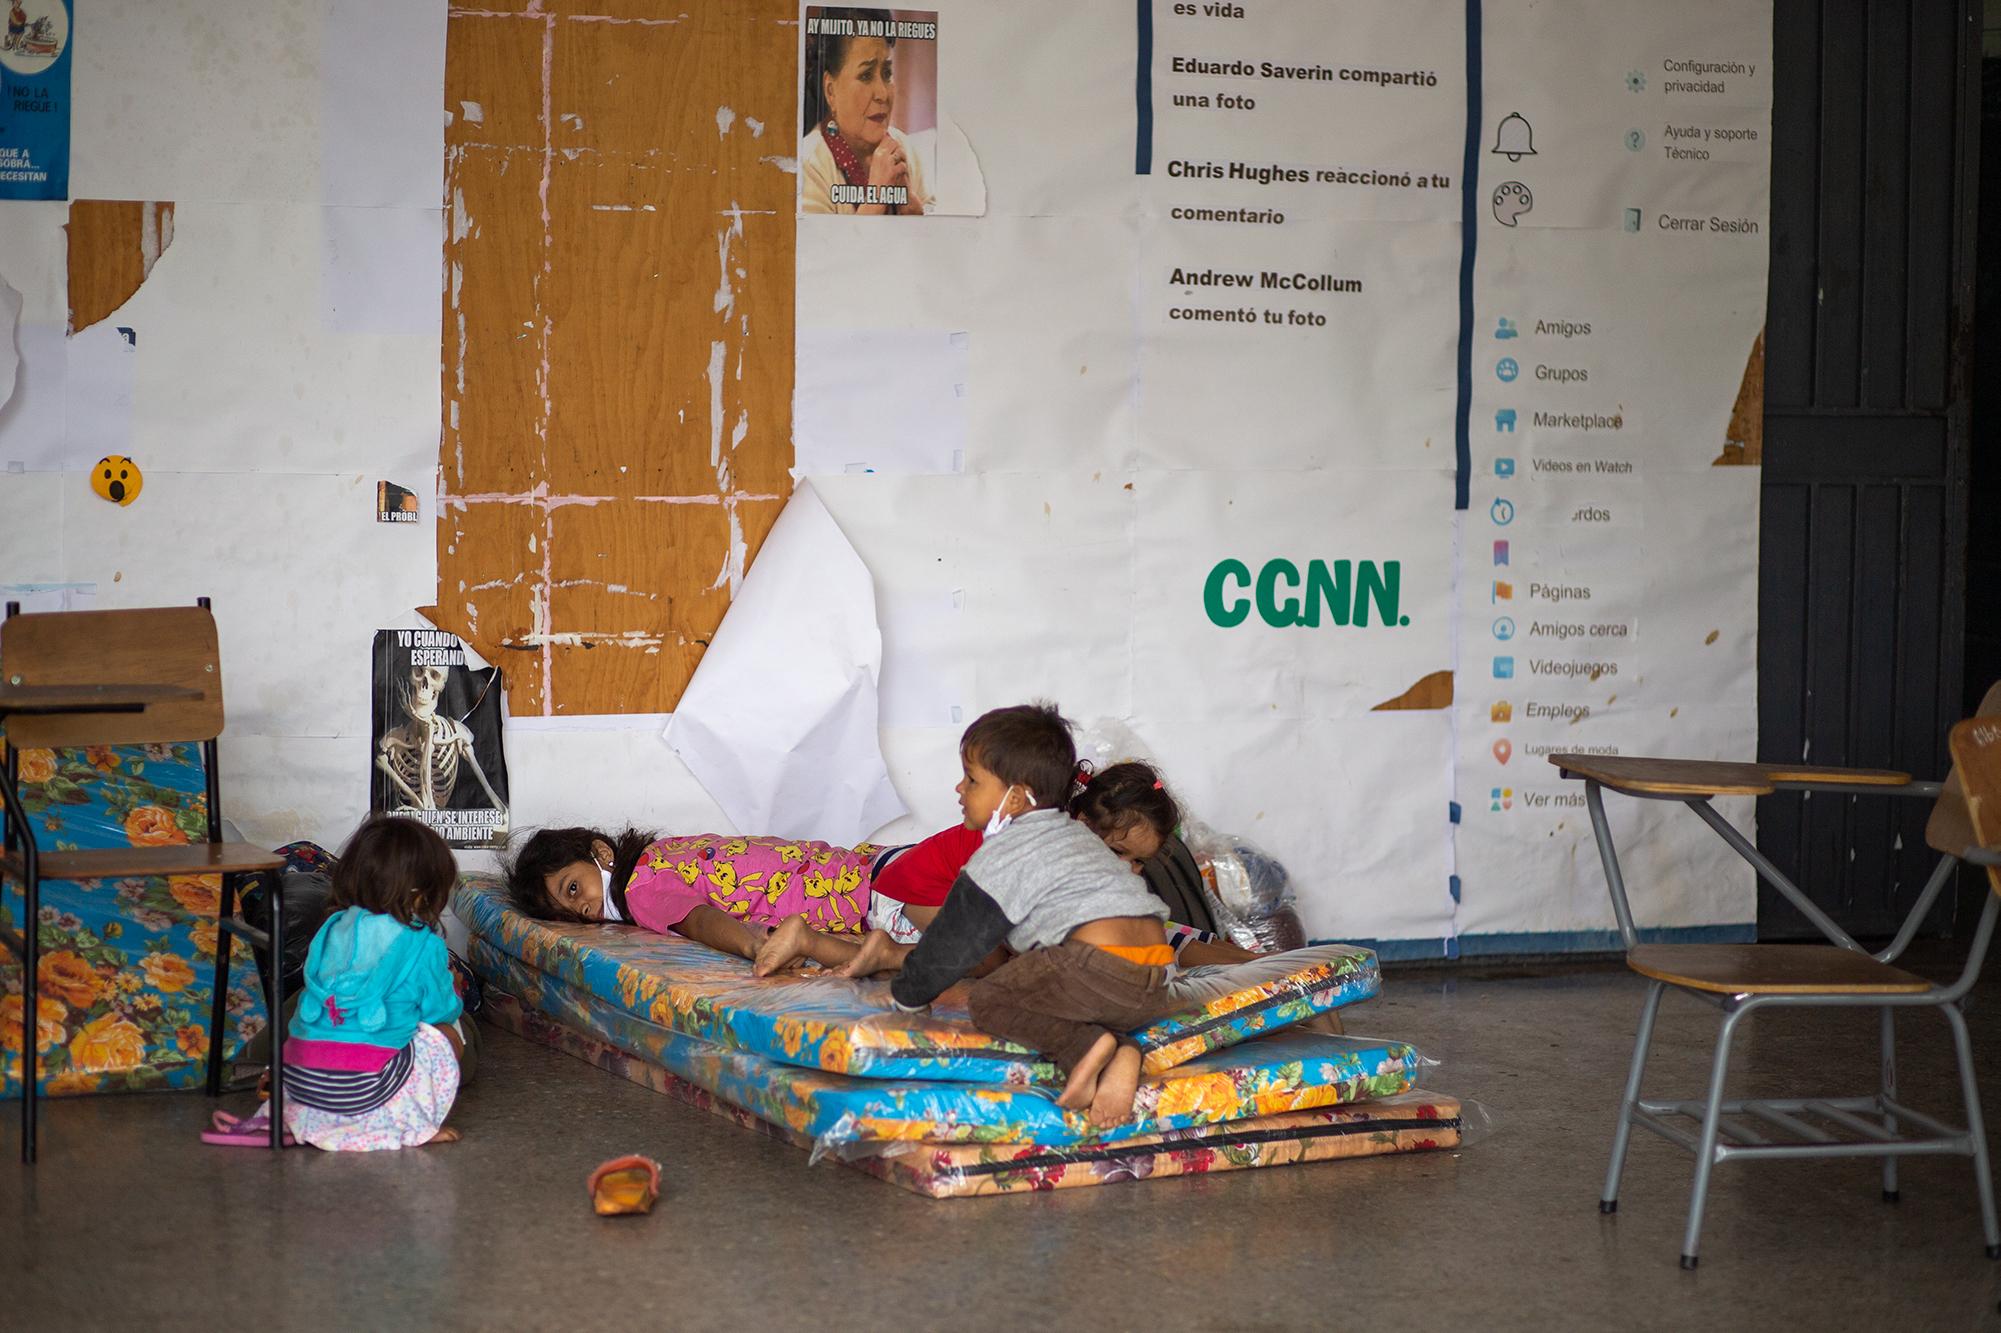 Un grupo de niños descansa y juega sobre unos colchones que les han donado a sus familias en el Instituto Central Vicente Cáceres, que sirve como albergue para las familias afectadas por las lluvias tras el paso de la tormenta tropical Eta. Comayagüela, 5 de noviembre de 2020. Foto: Martín Cálix.